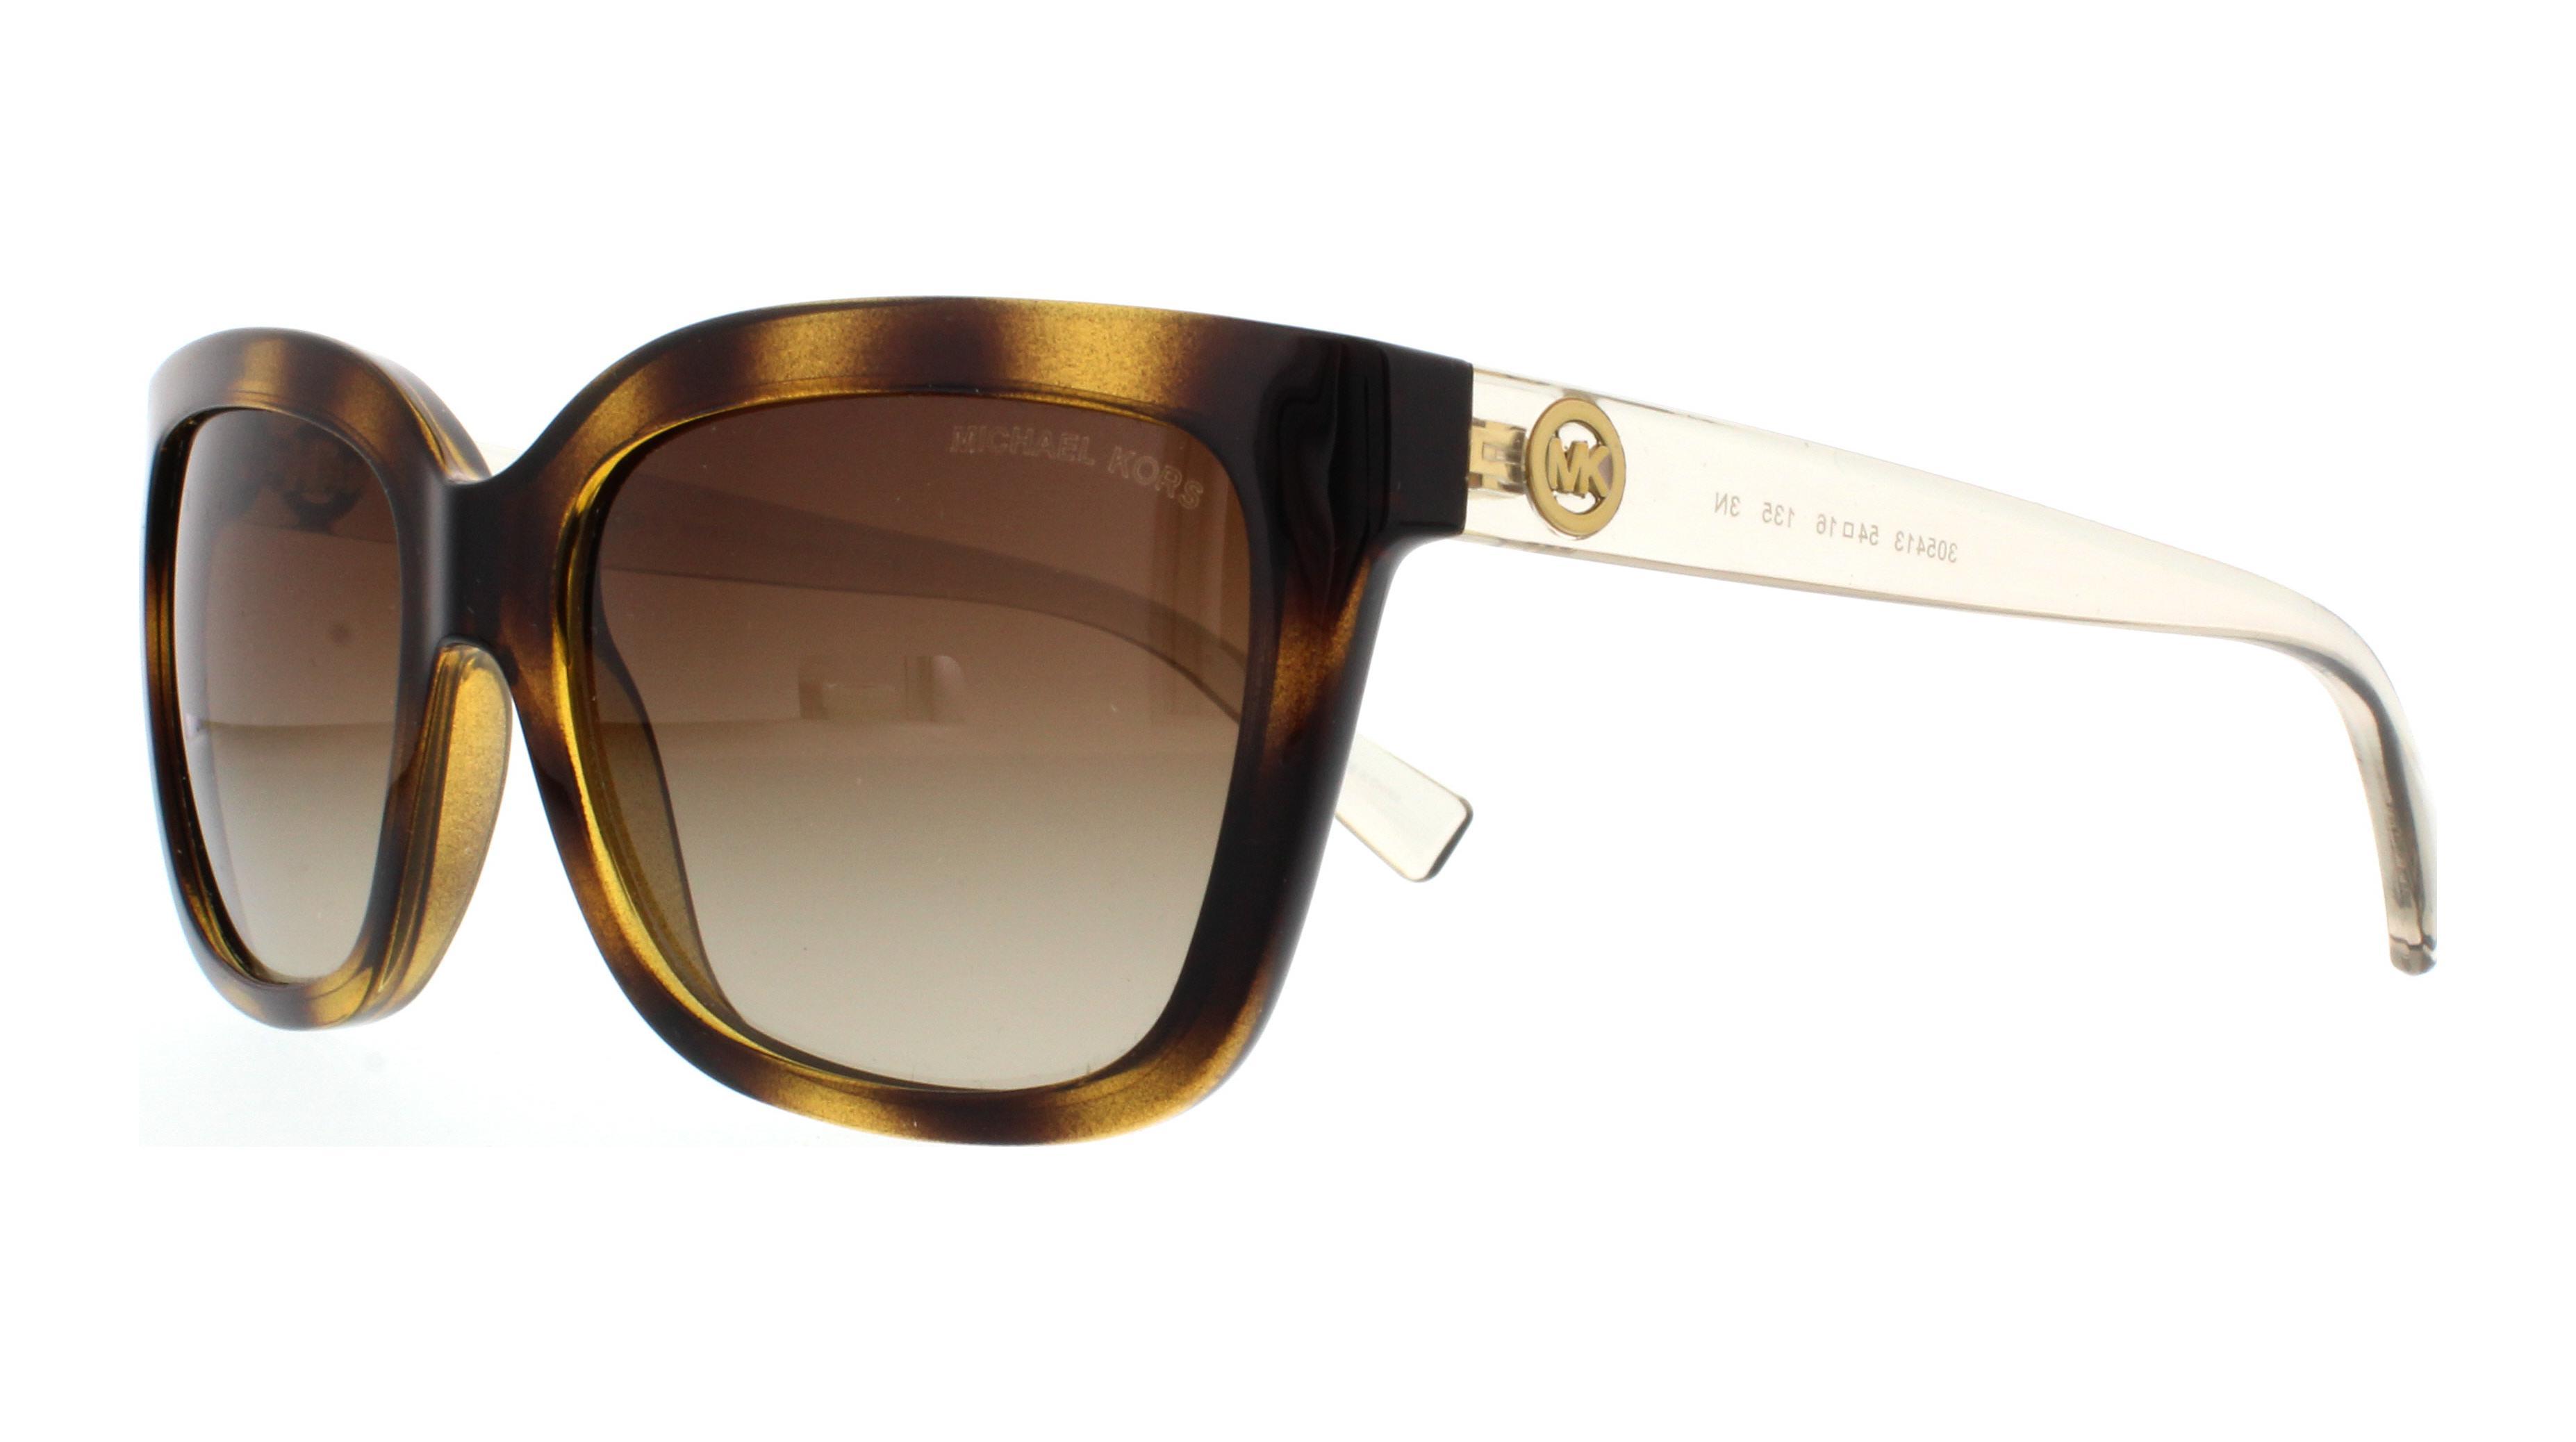 22f62bfaf1a66 Designer Frames Outlet. Michael Kors MK6016 Sandestin